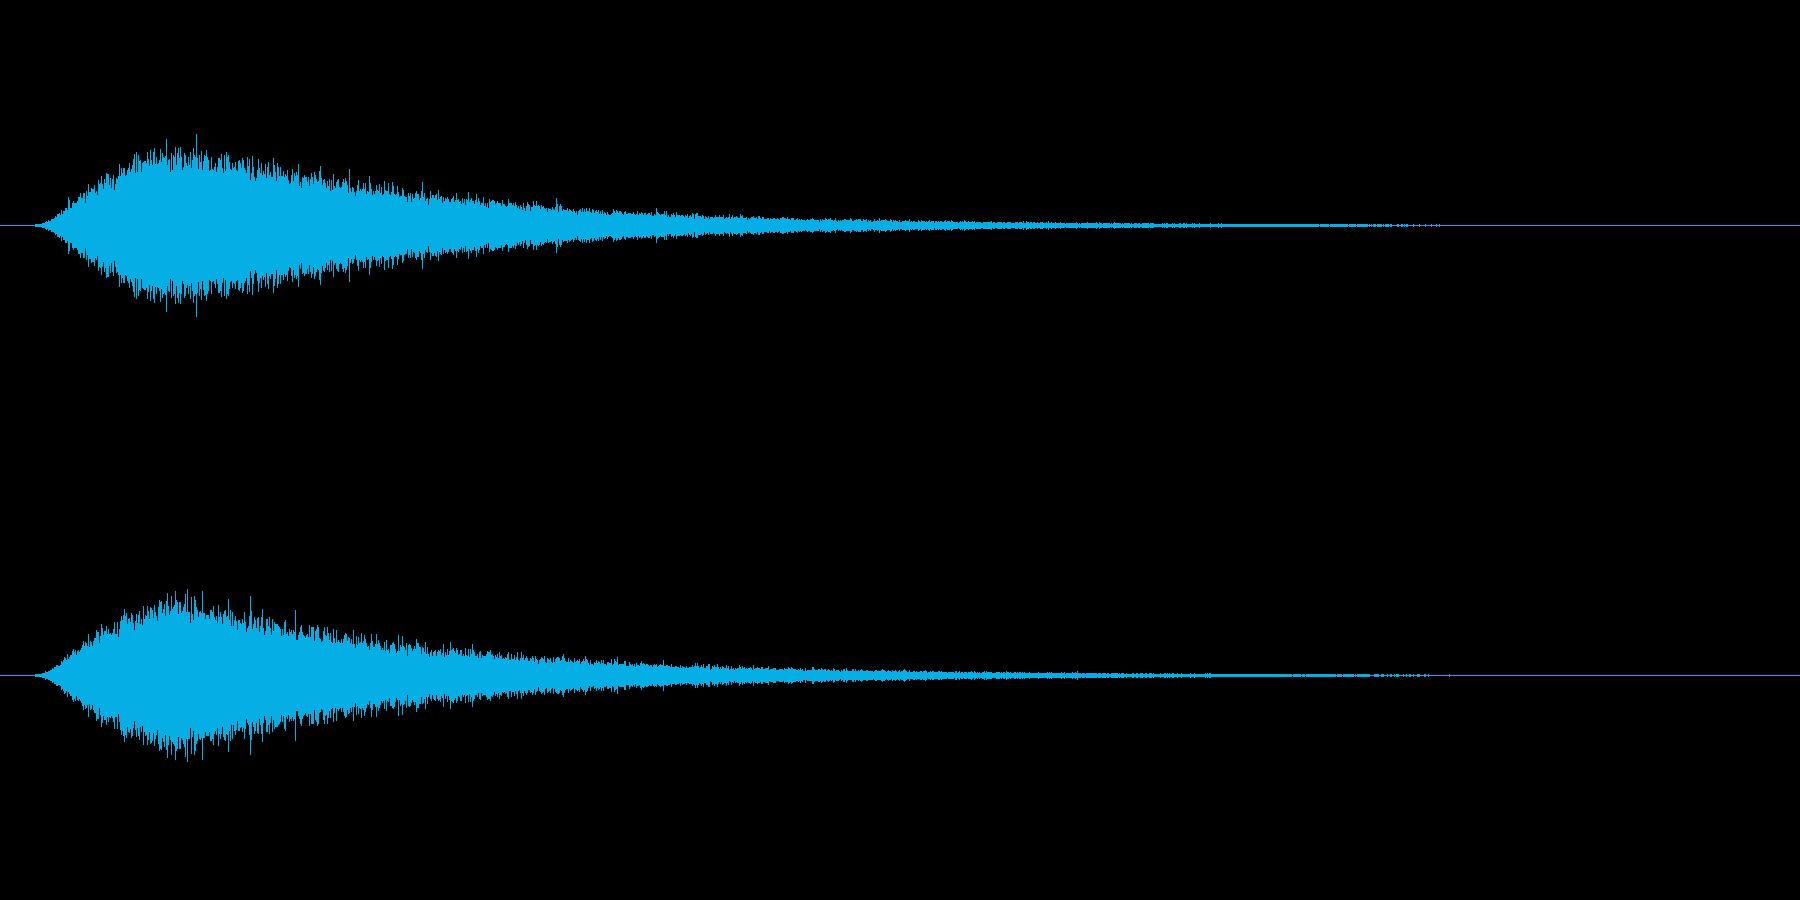 ロゴや転換、煙、スプレーなど-シュワーンの再生済みの波形